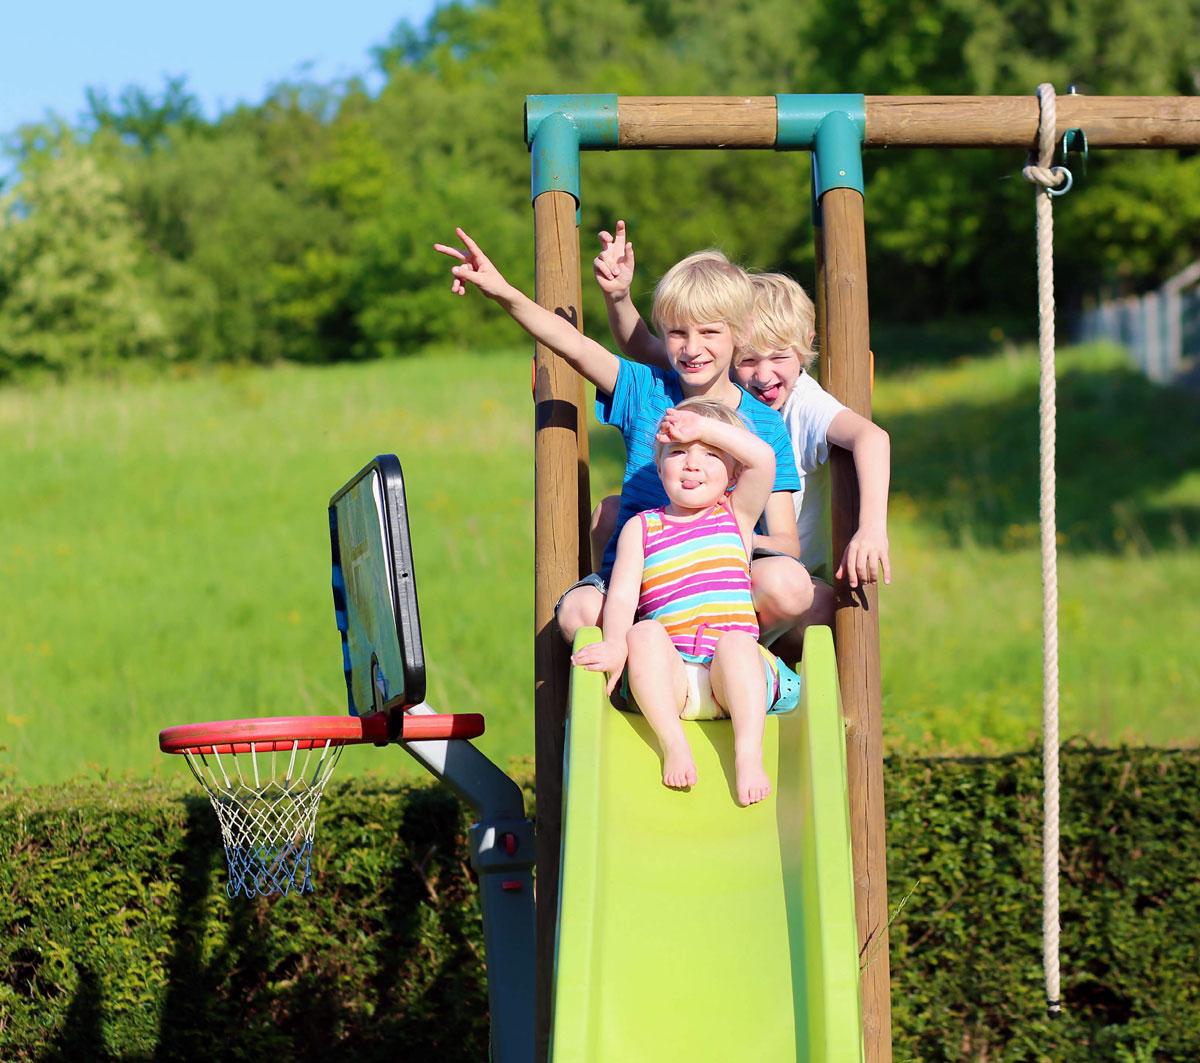 Zaplanuj ogród w przedszkolu lub żłobku © cromary - Fotolia.com